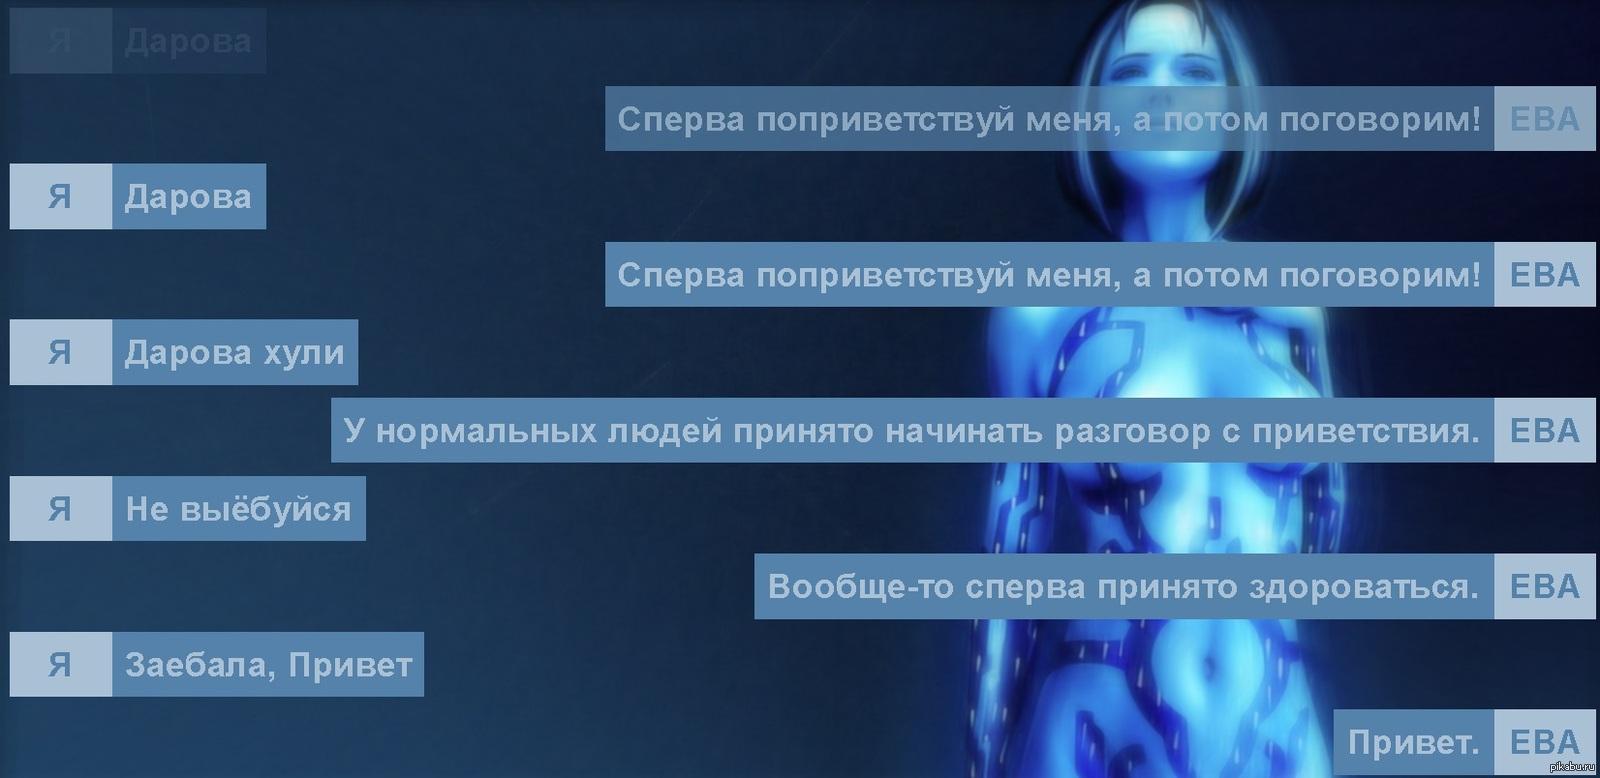 intim-bot